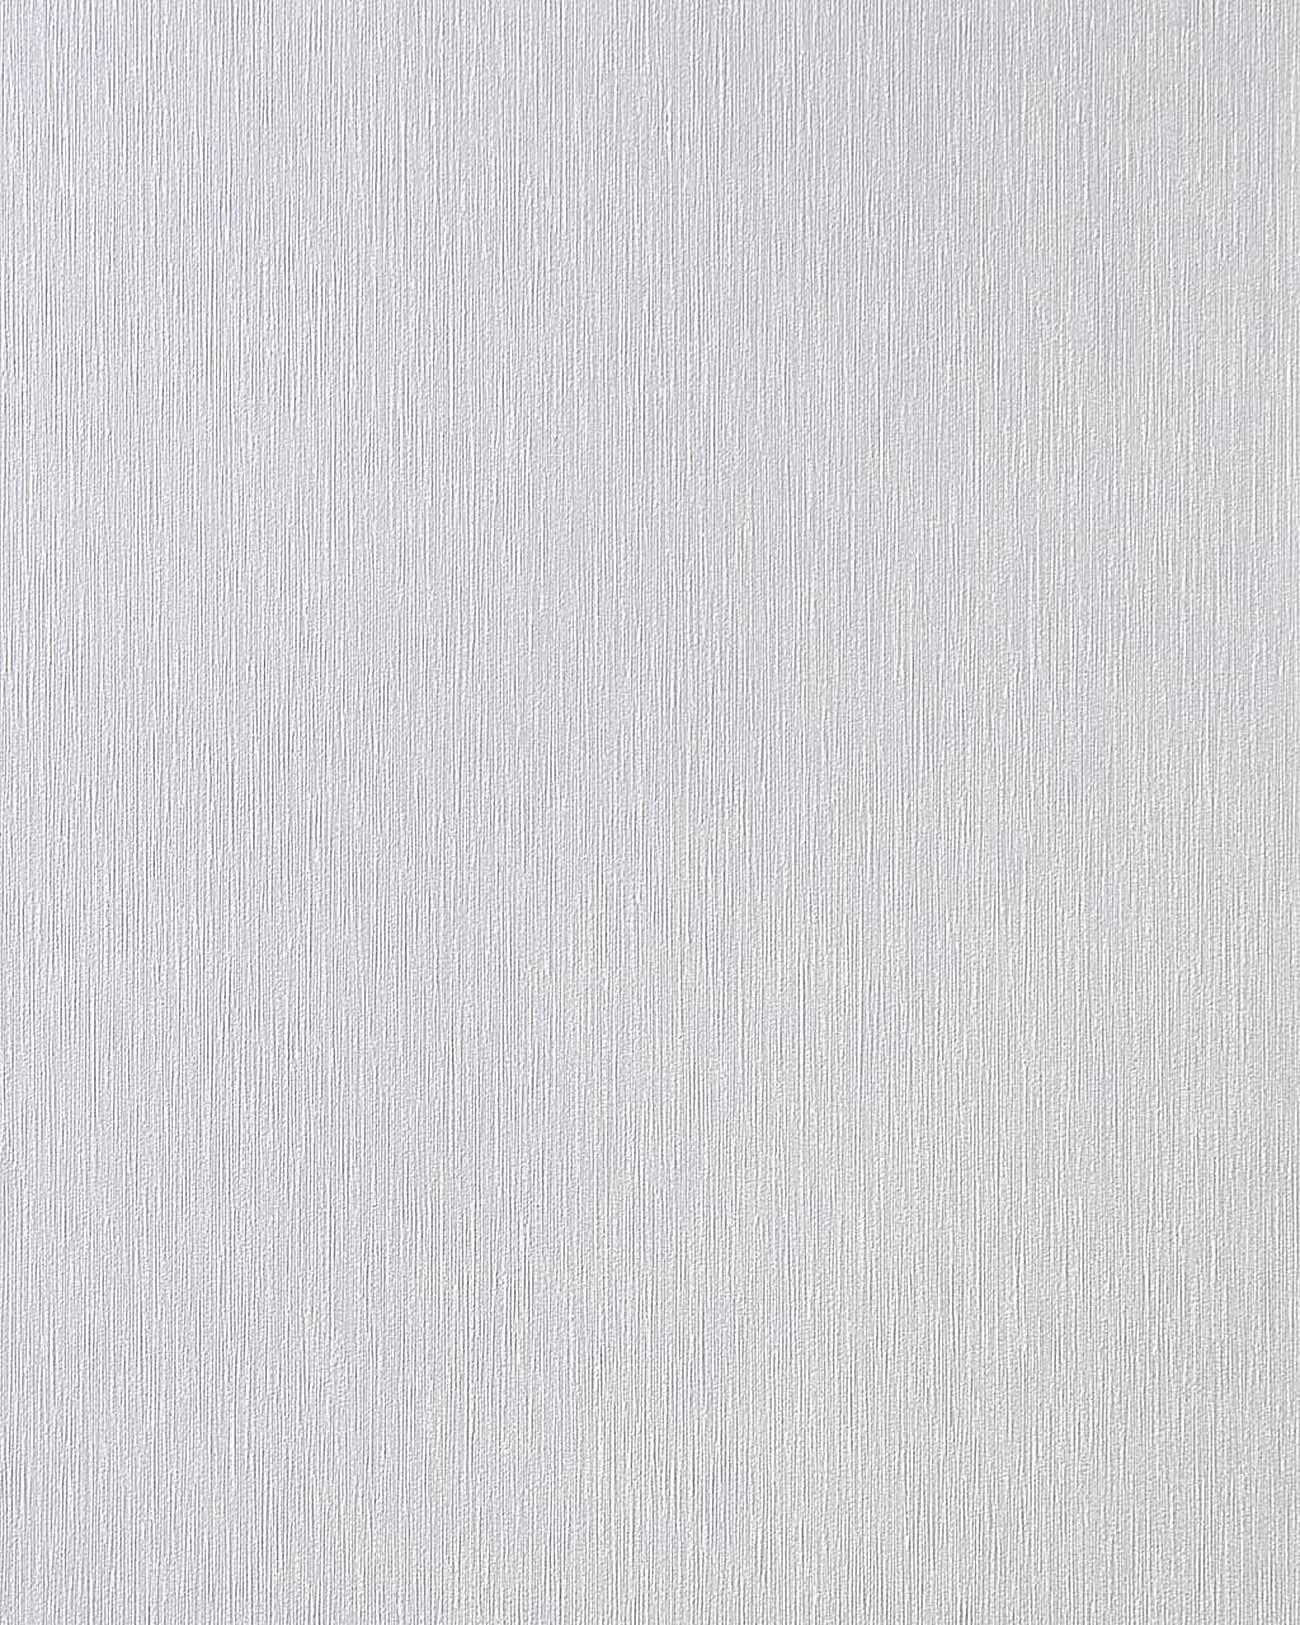 Tapete Violett Gestreift : Elegante Tapete Vinyltapete leicht gestreift pastell-violett perlmutt